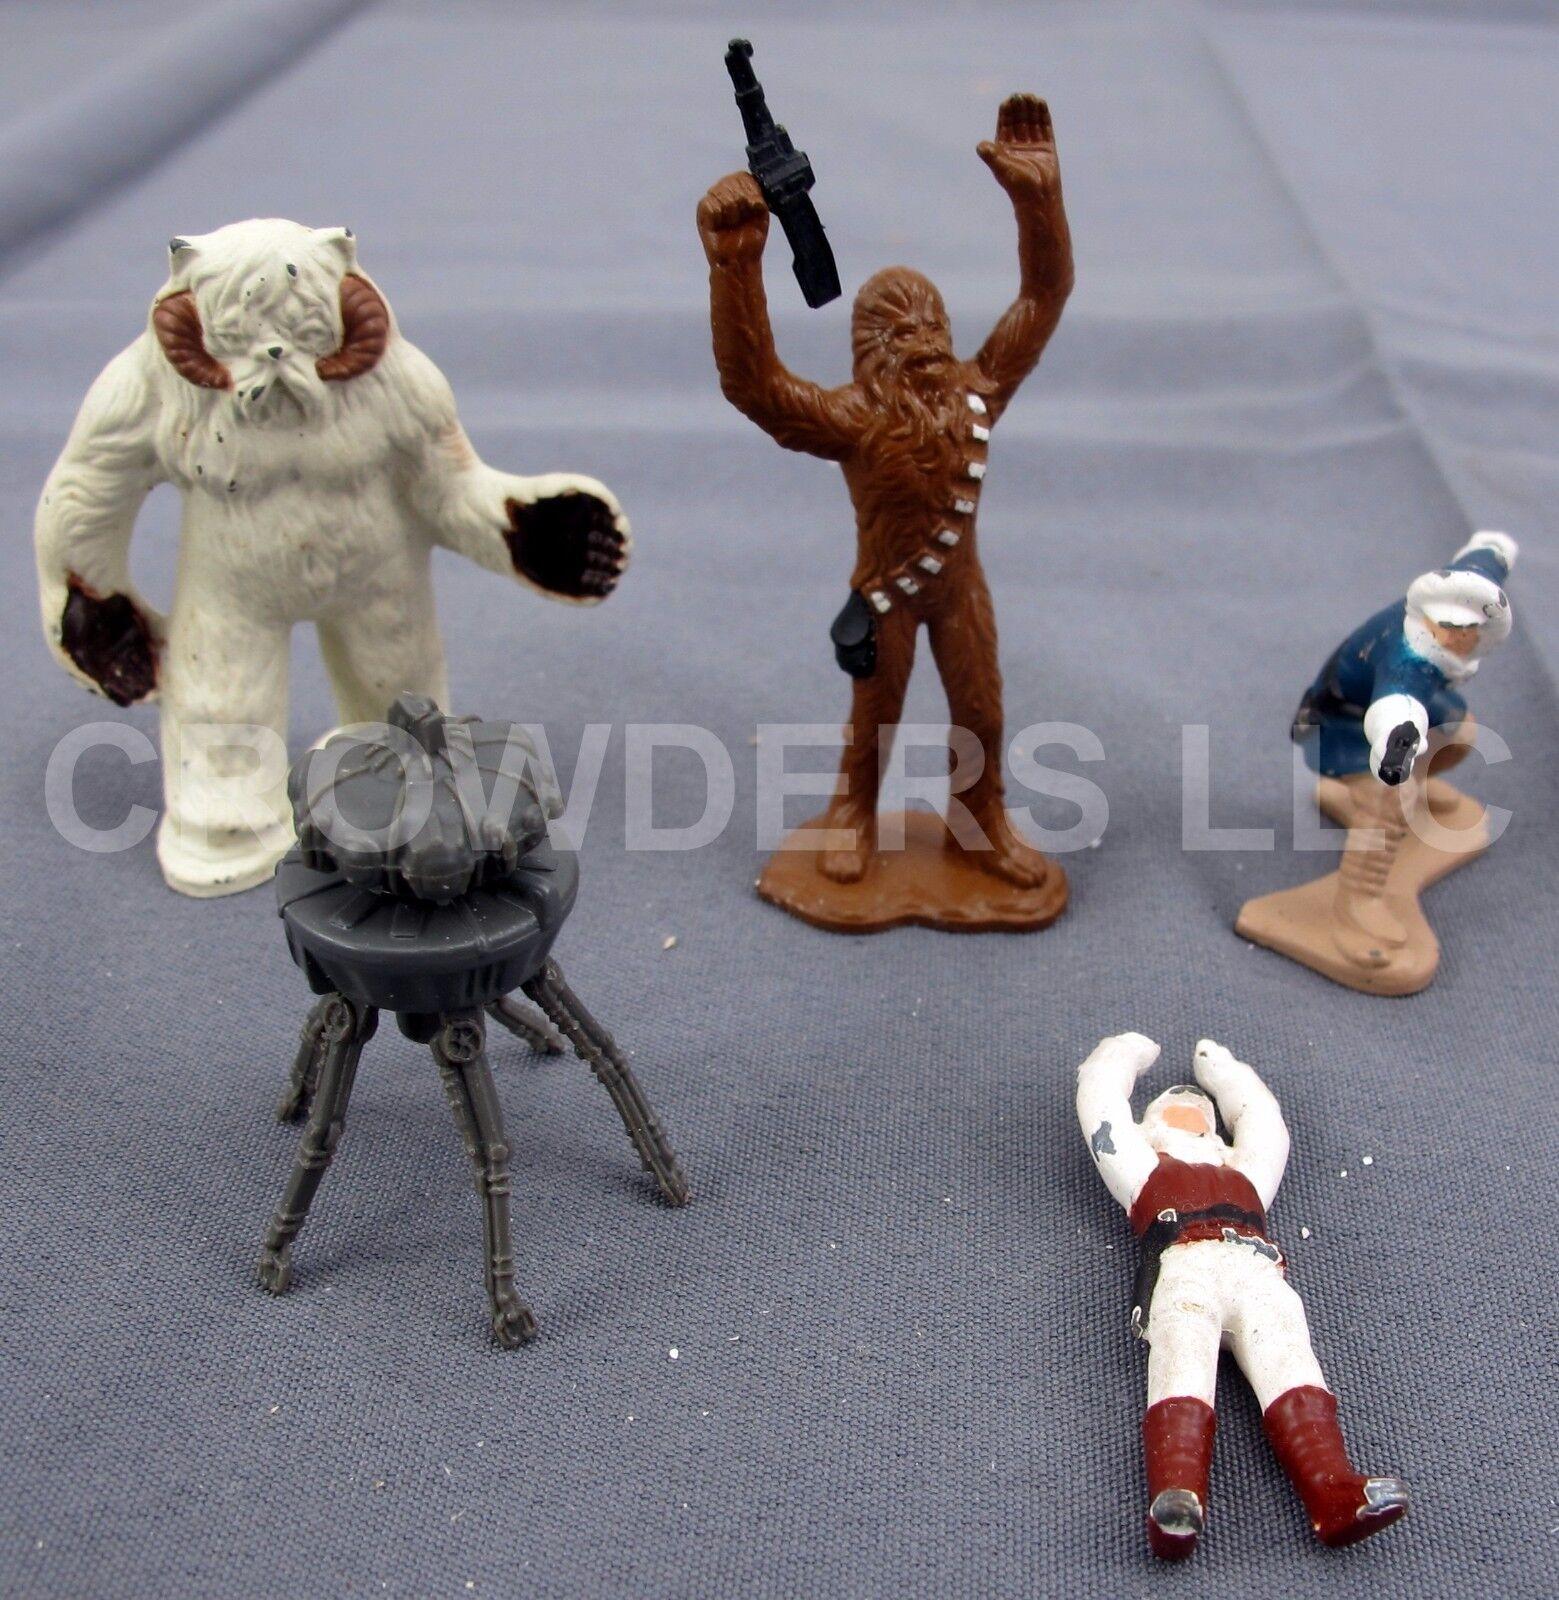 Star wars - sammlung wampa höhle druckguss figuren nur luke han, chewie.